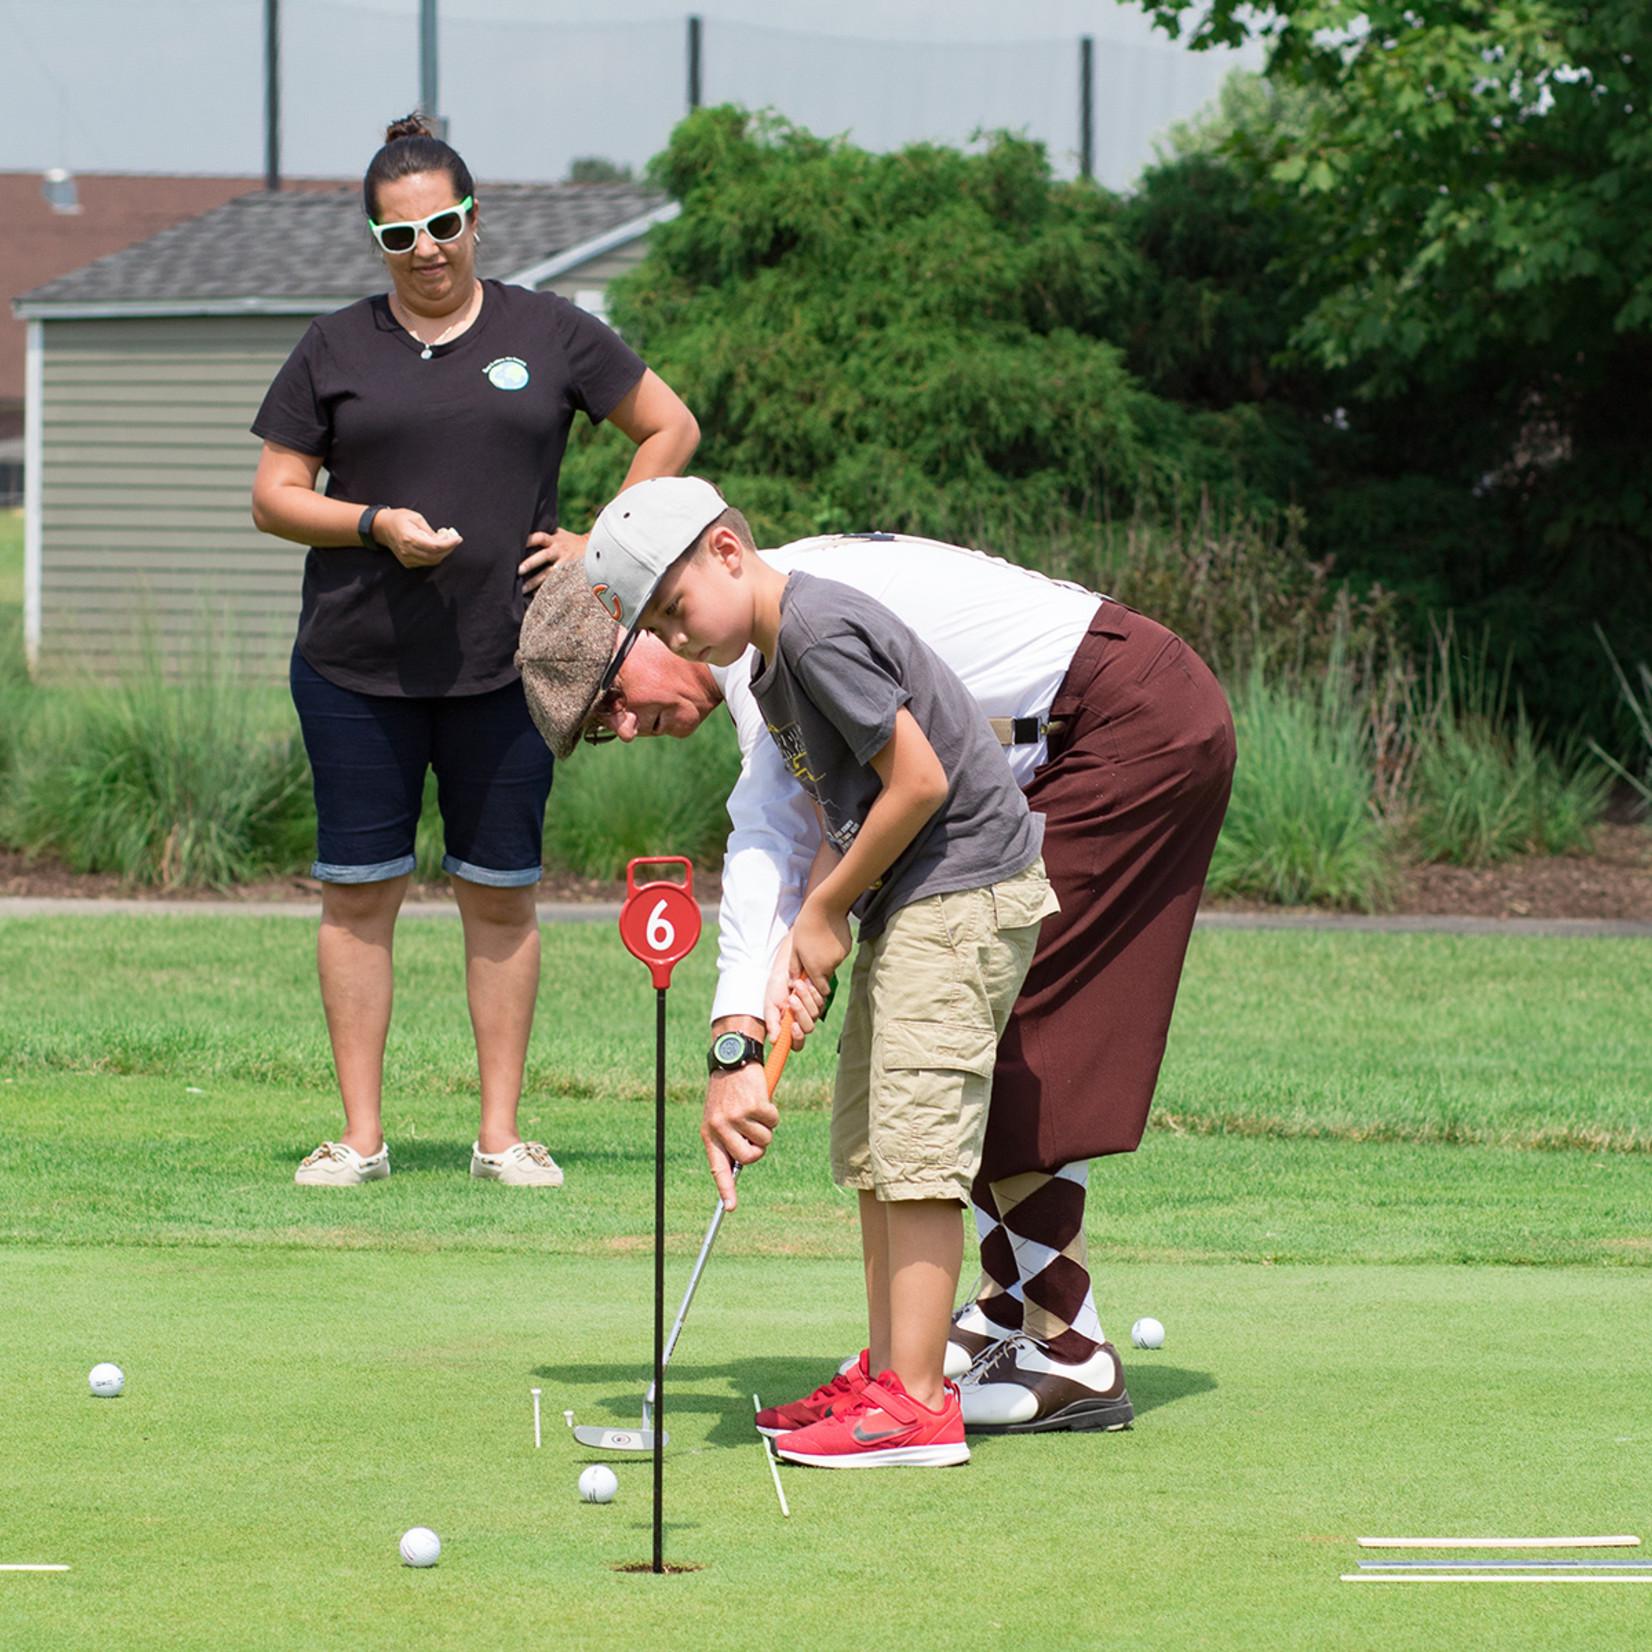 Golf Performance Academy PGA / LPGA Birdie Buddies Camp - July 27-30 (Tues-Fri, 8am-12pm)